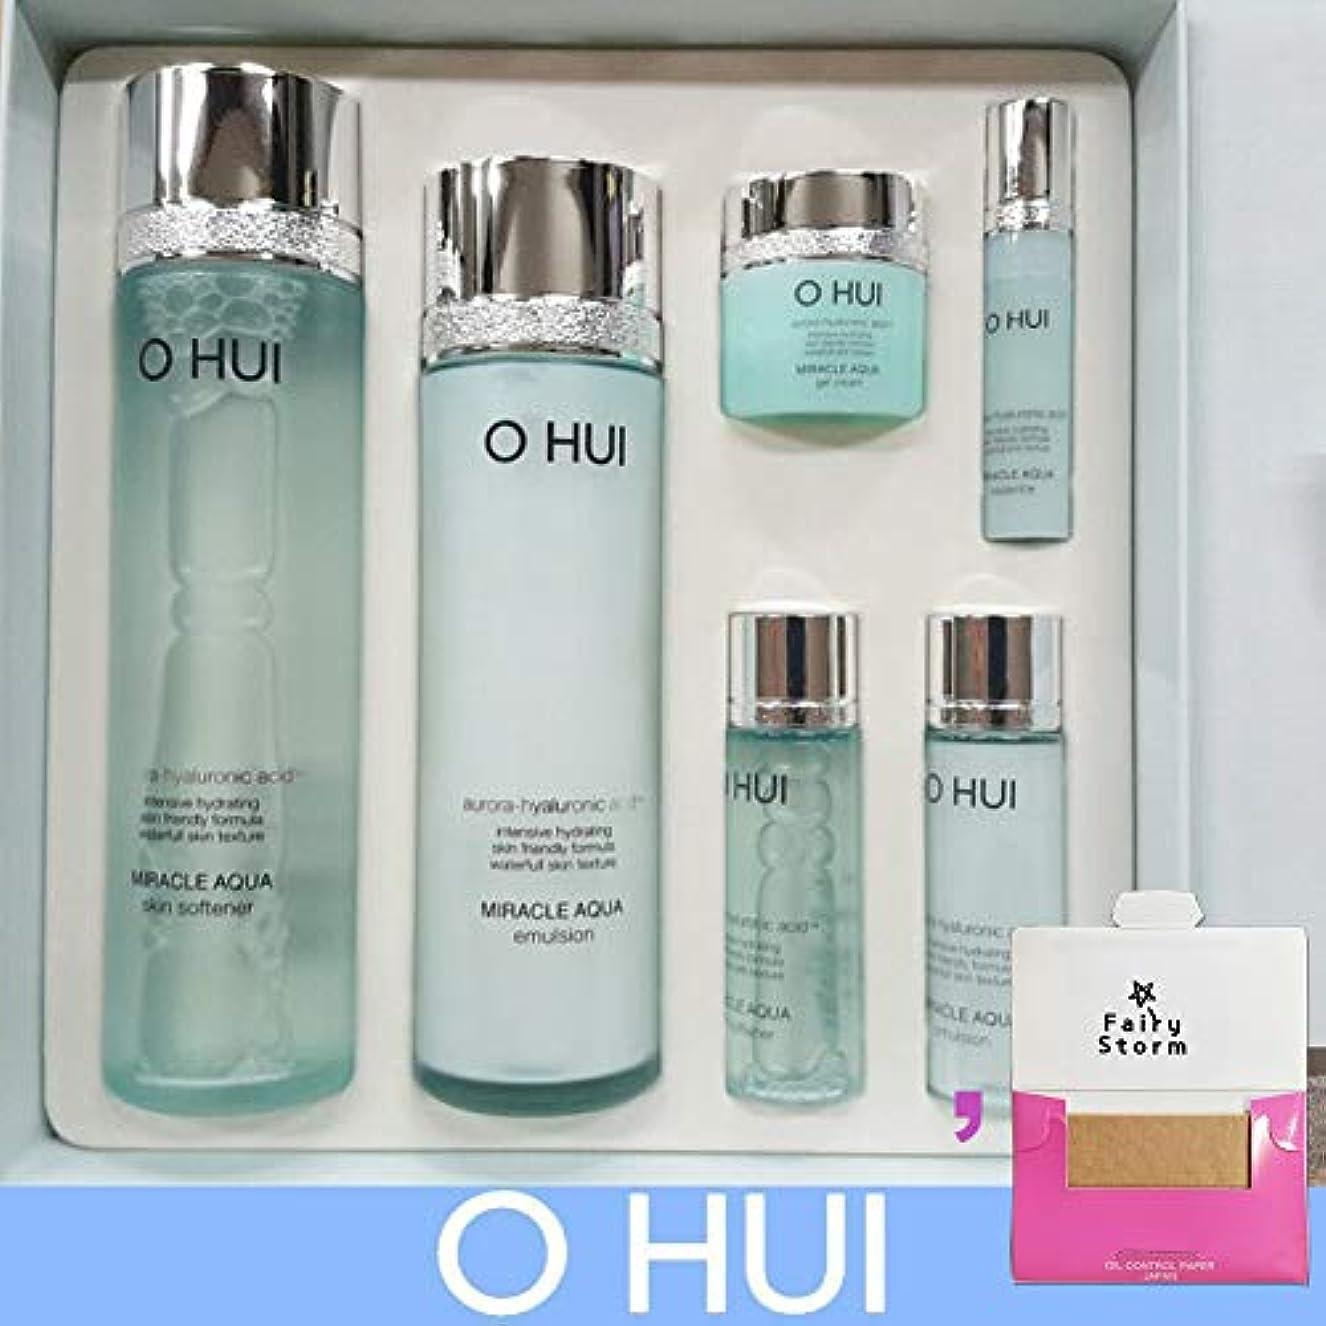 カタログ南西解明する[オフィ/O HUI]韓国化粧品LG生活健康/O HUI MIRACLE AQUA SPECIAL SET/ミラクルアクア2種セット+[Sample Gift](海外直送品)